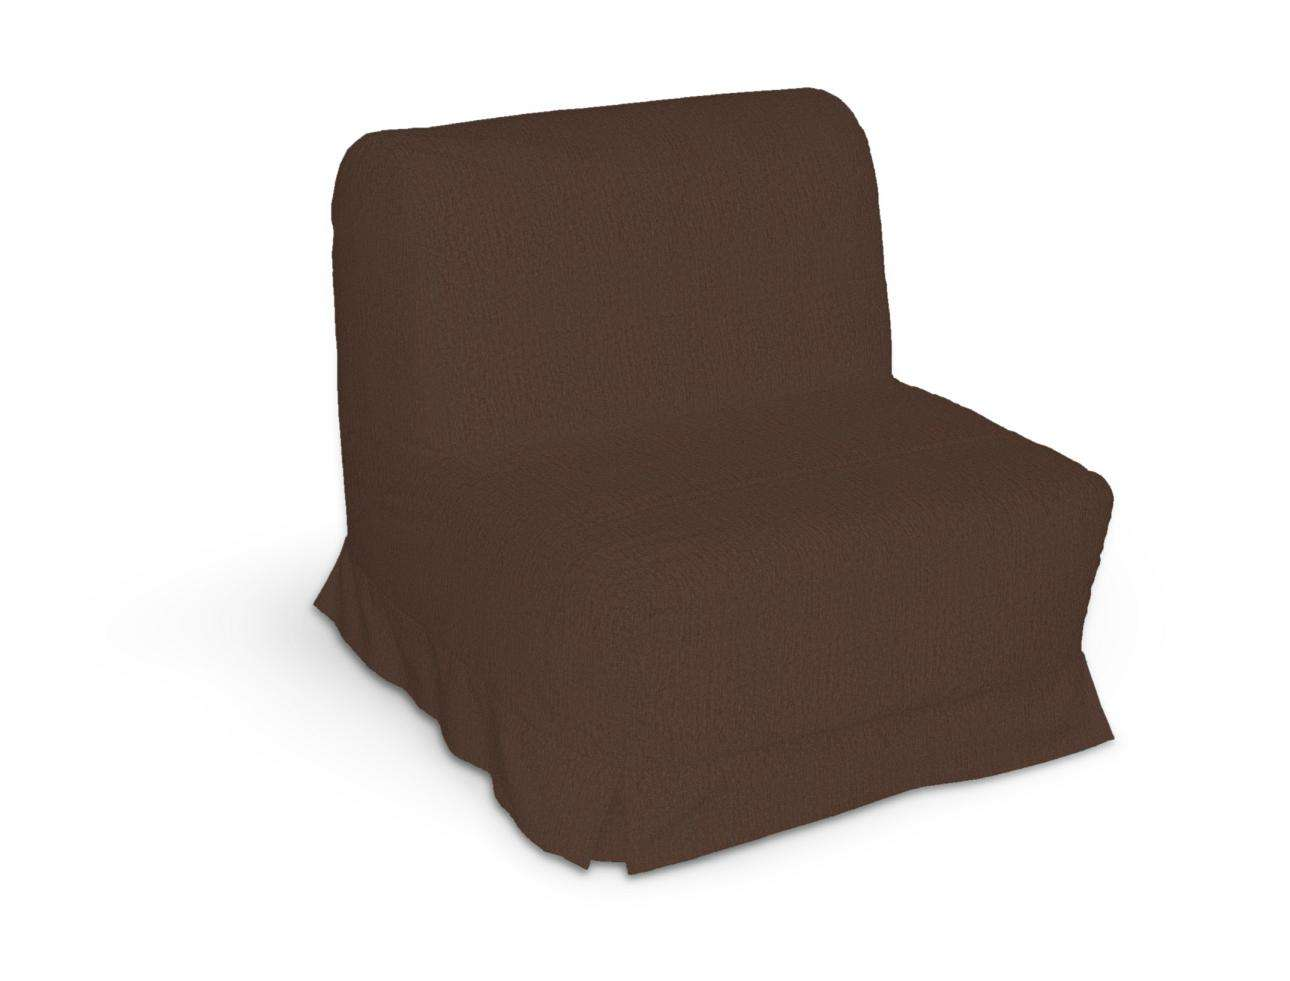 Pokrowiec na fotel Lycksele z kontrafałdami sofa Lycksele 1os. w kolekcji Chenille, tkanina: 702-18